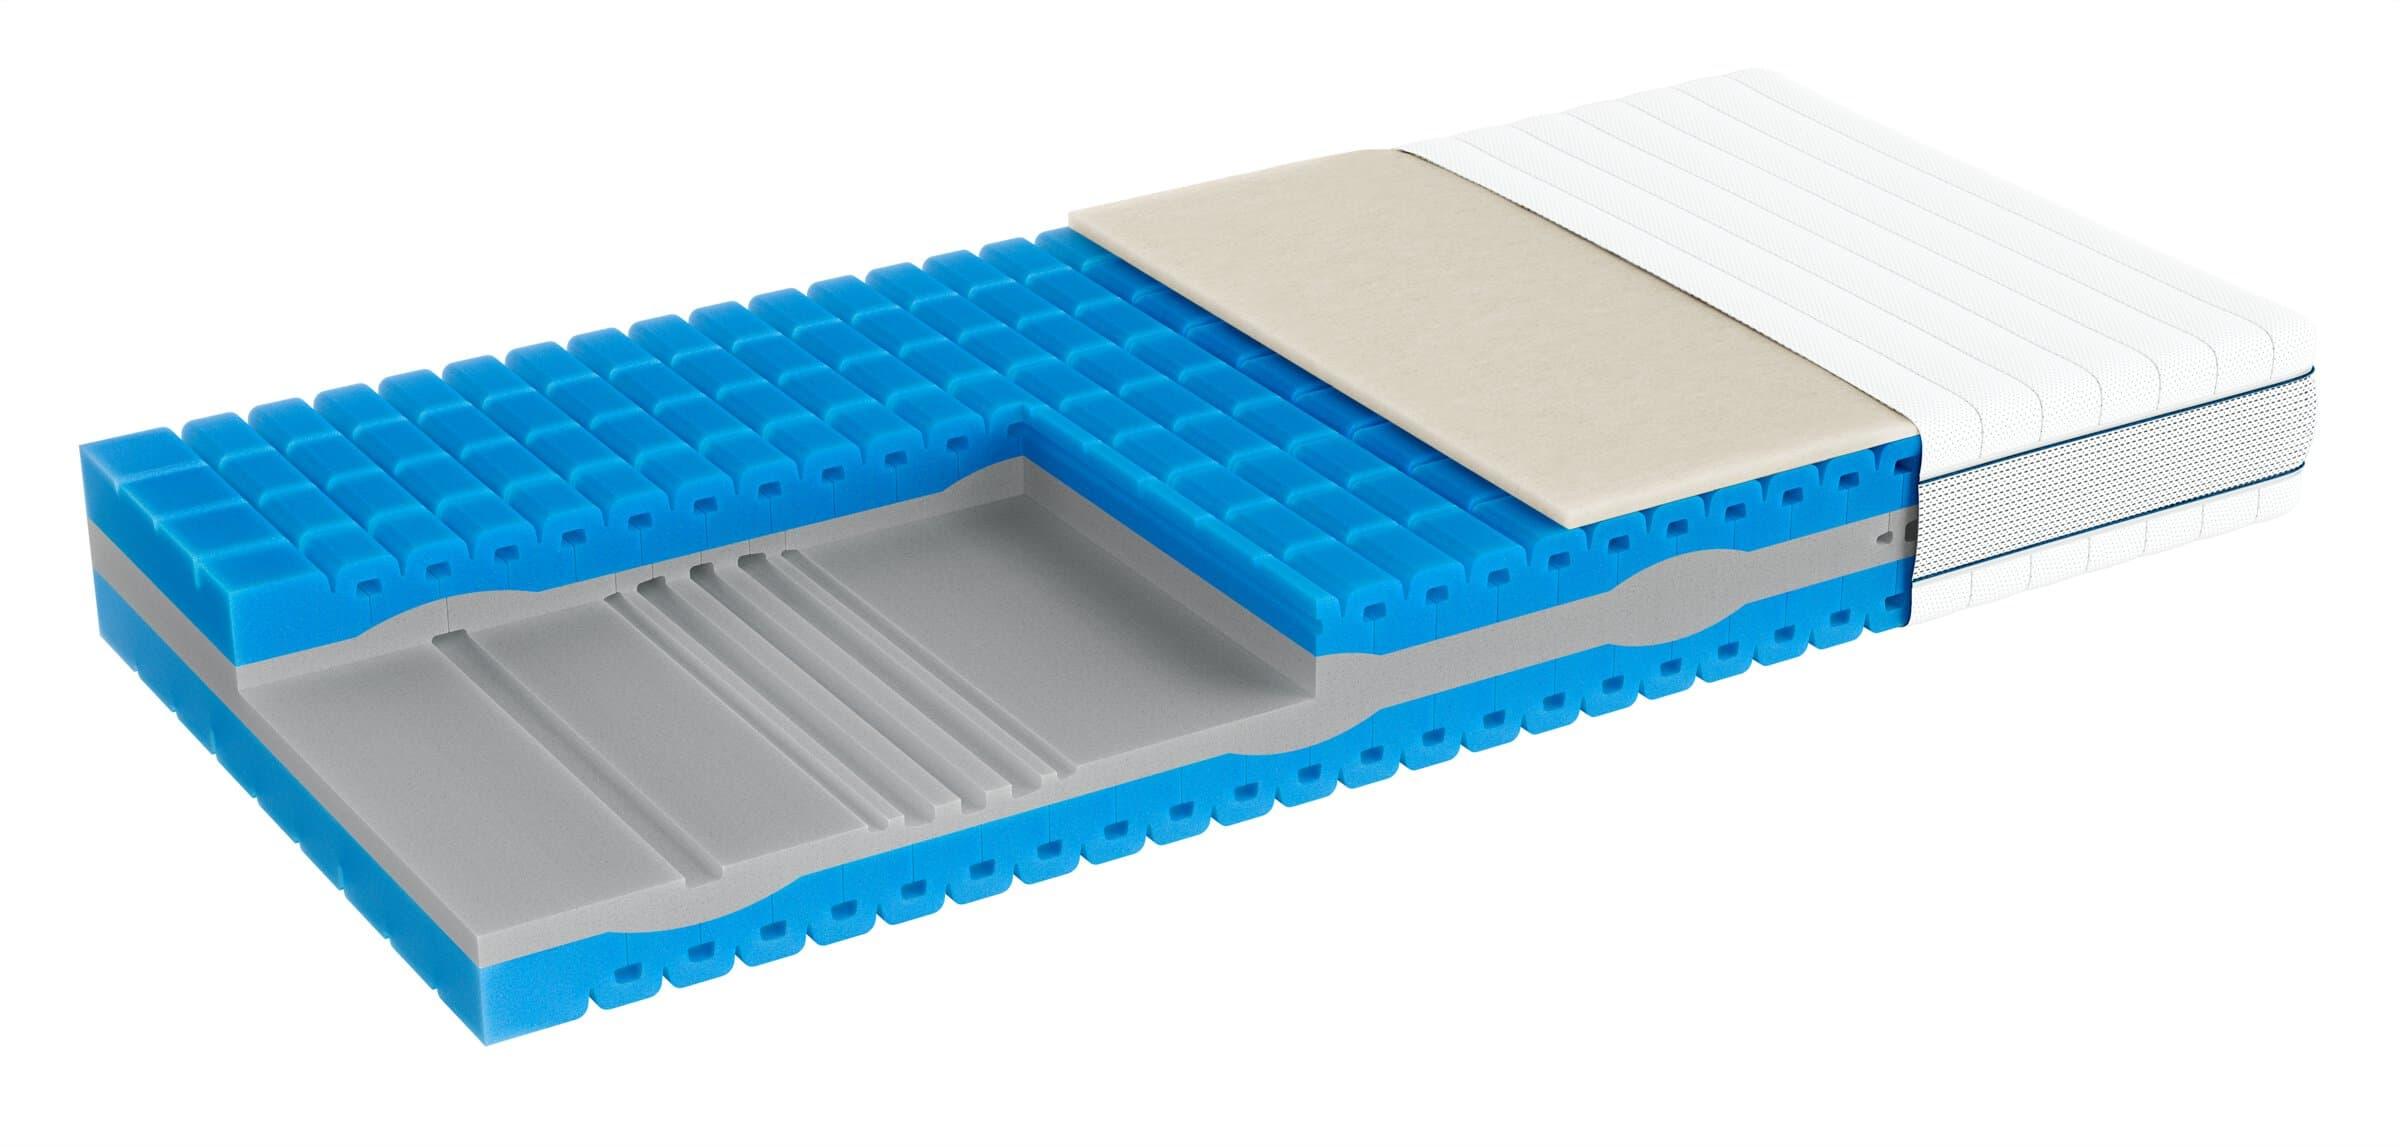 bico STARTOP Float A medium Matratze